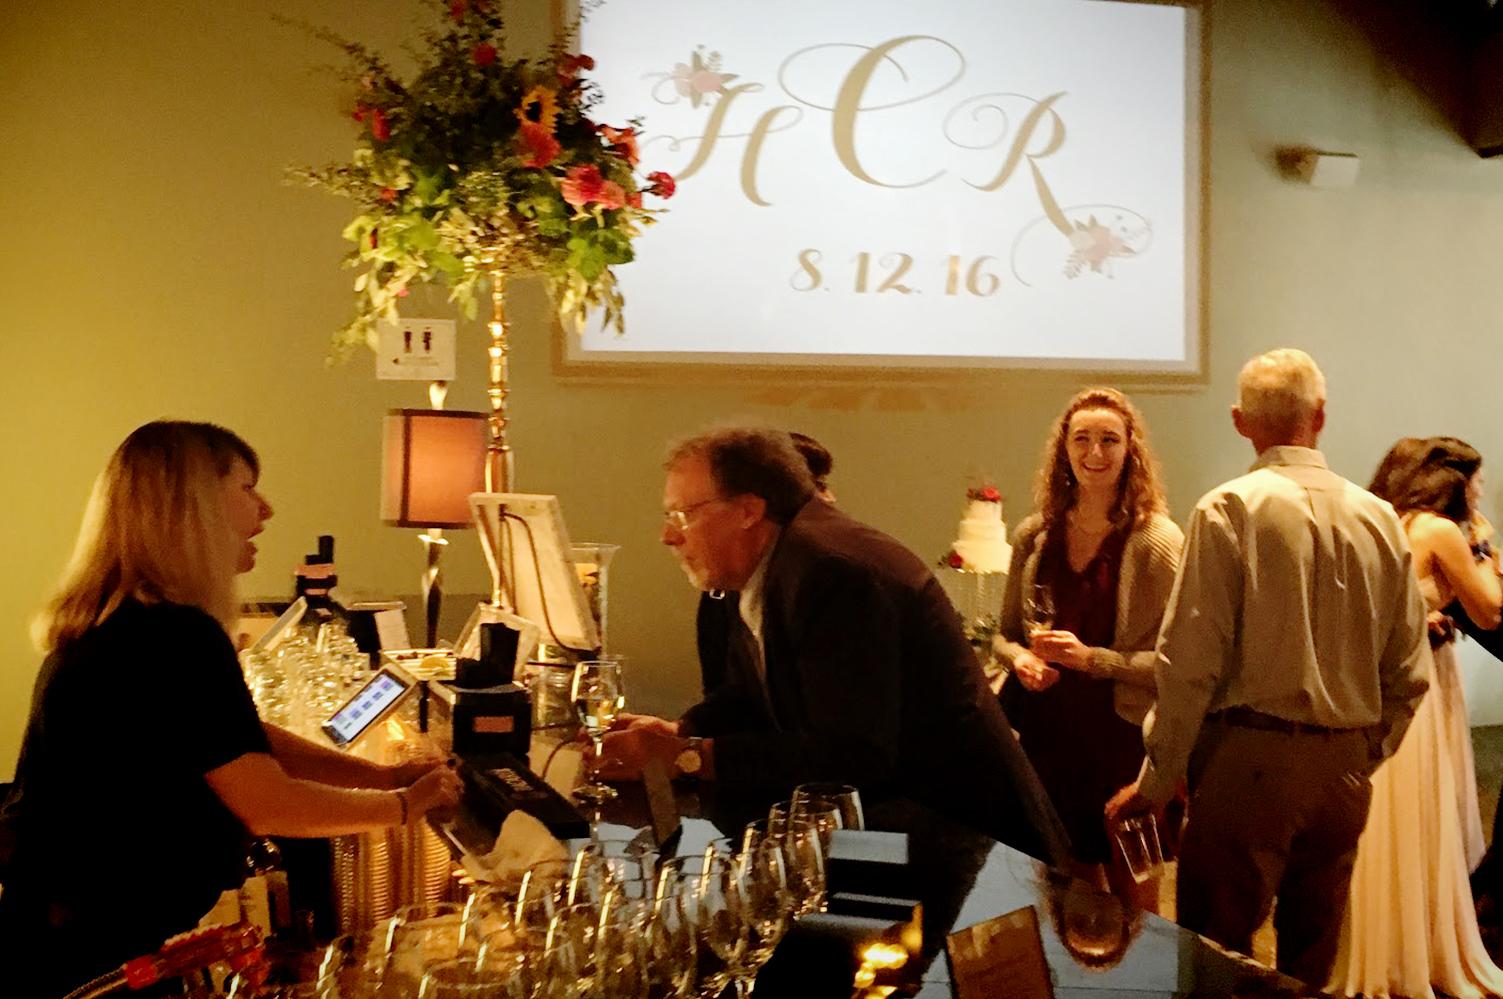 Wedding Reception & Event Venue In Lincoln, NE